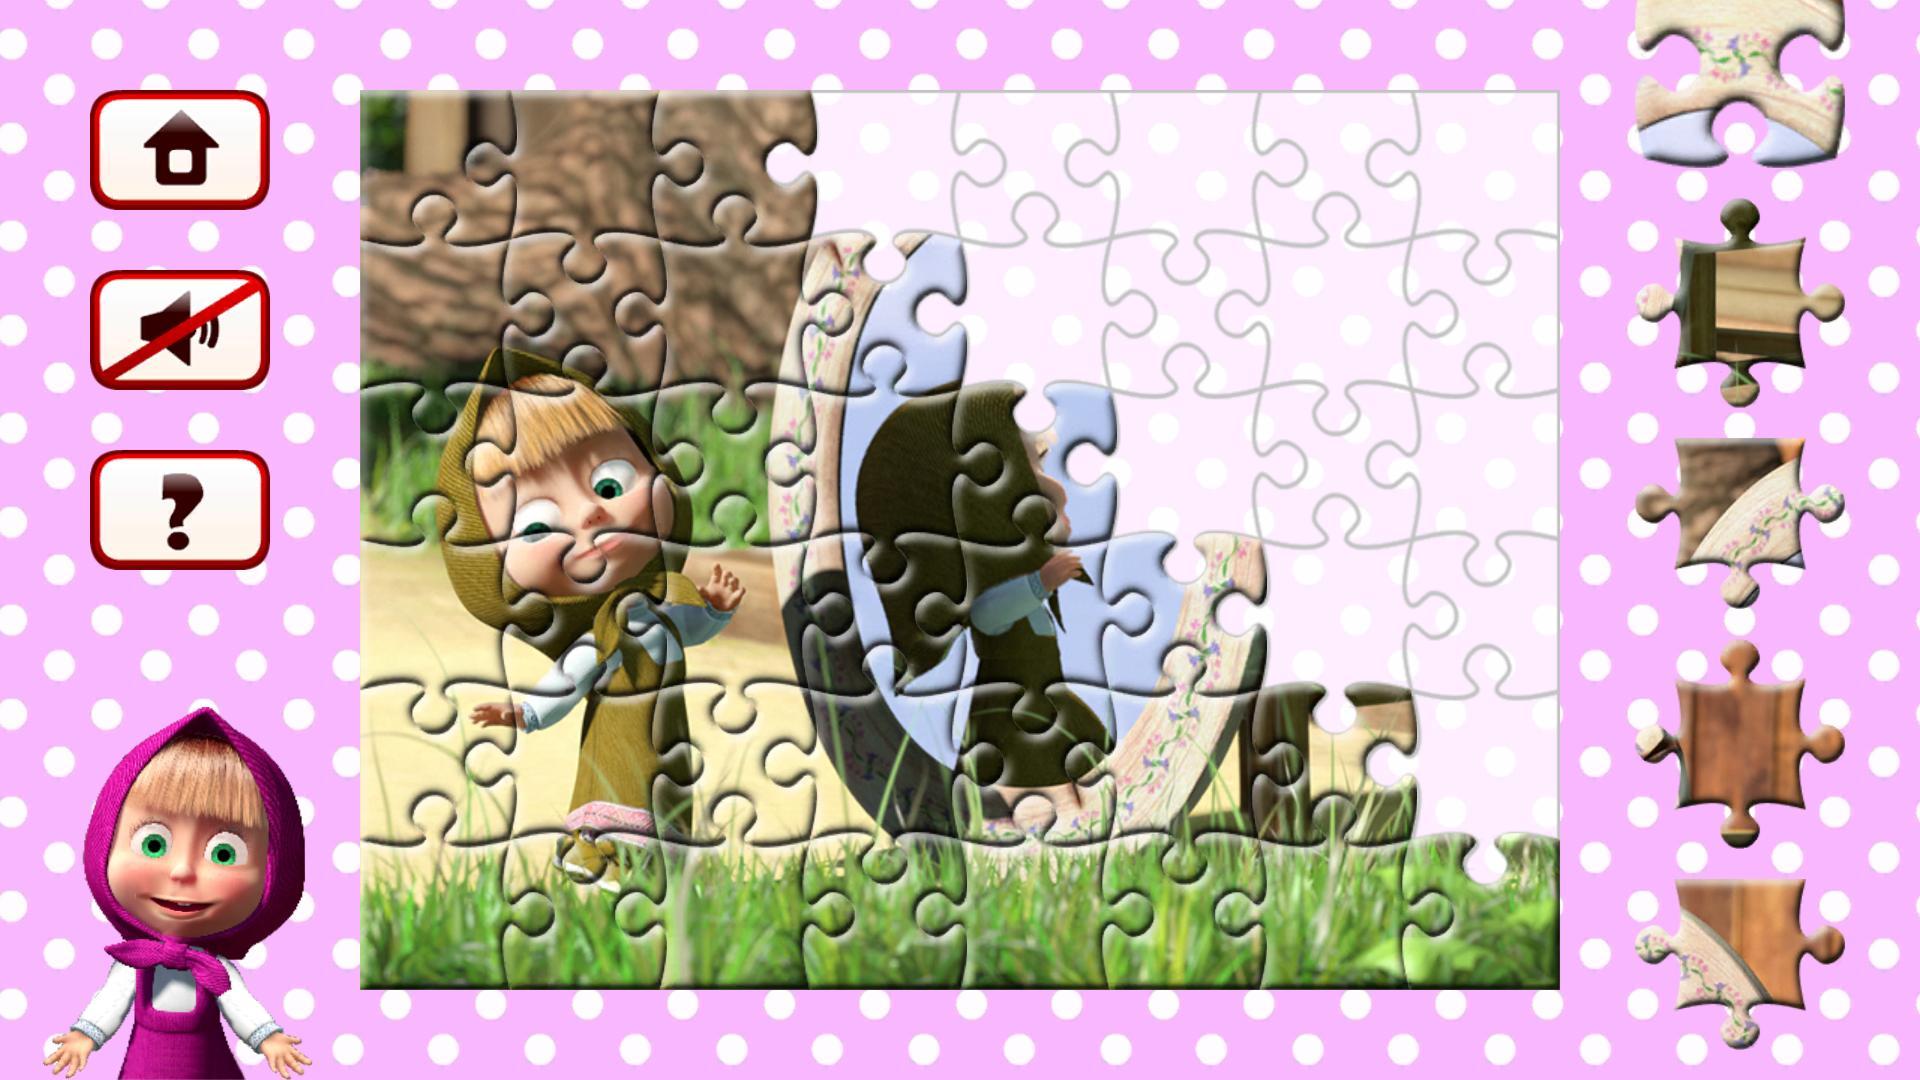 картинка маша и медведь для крупных пазлов распечатать кусок картона или